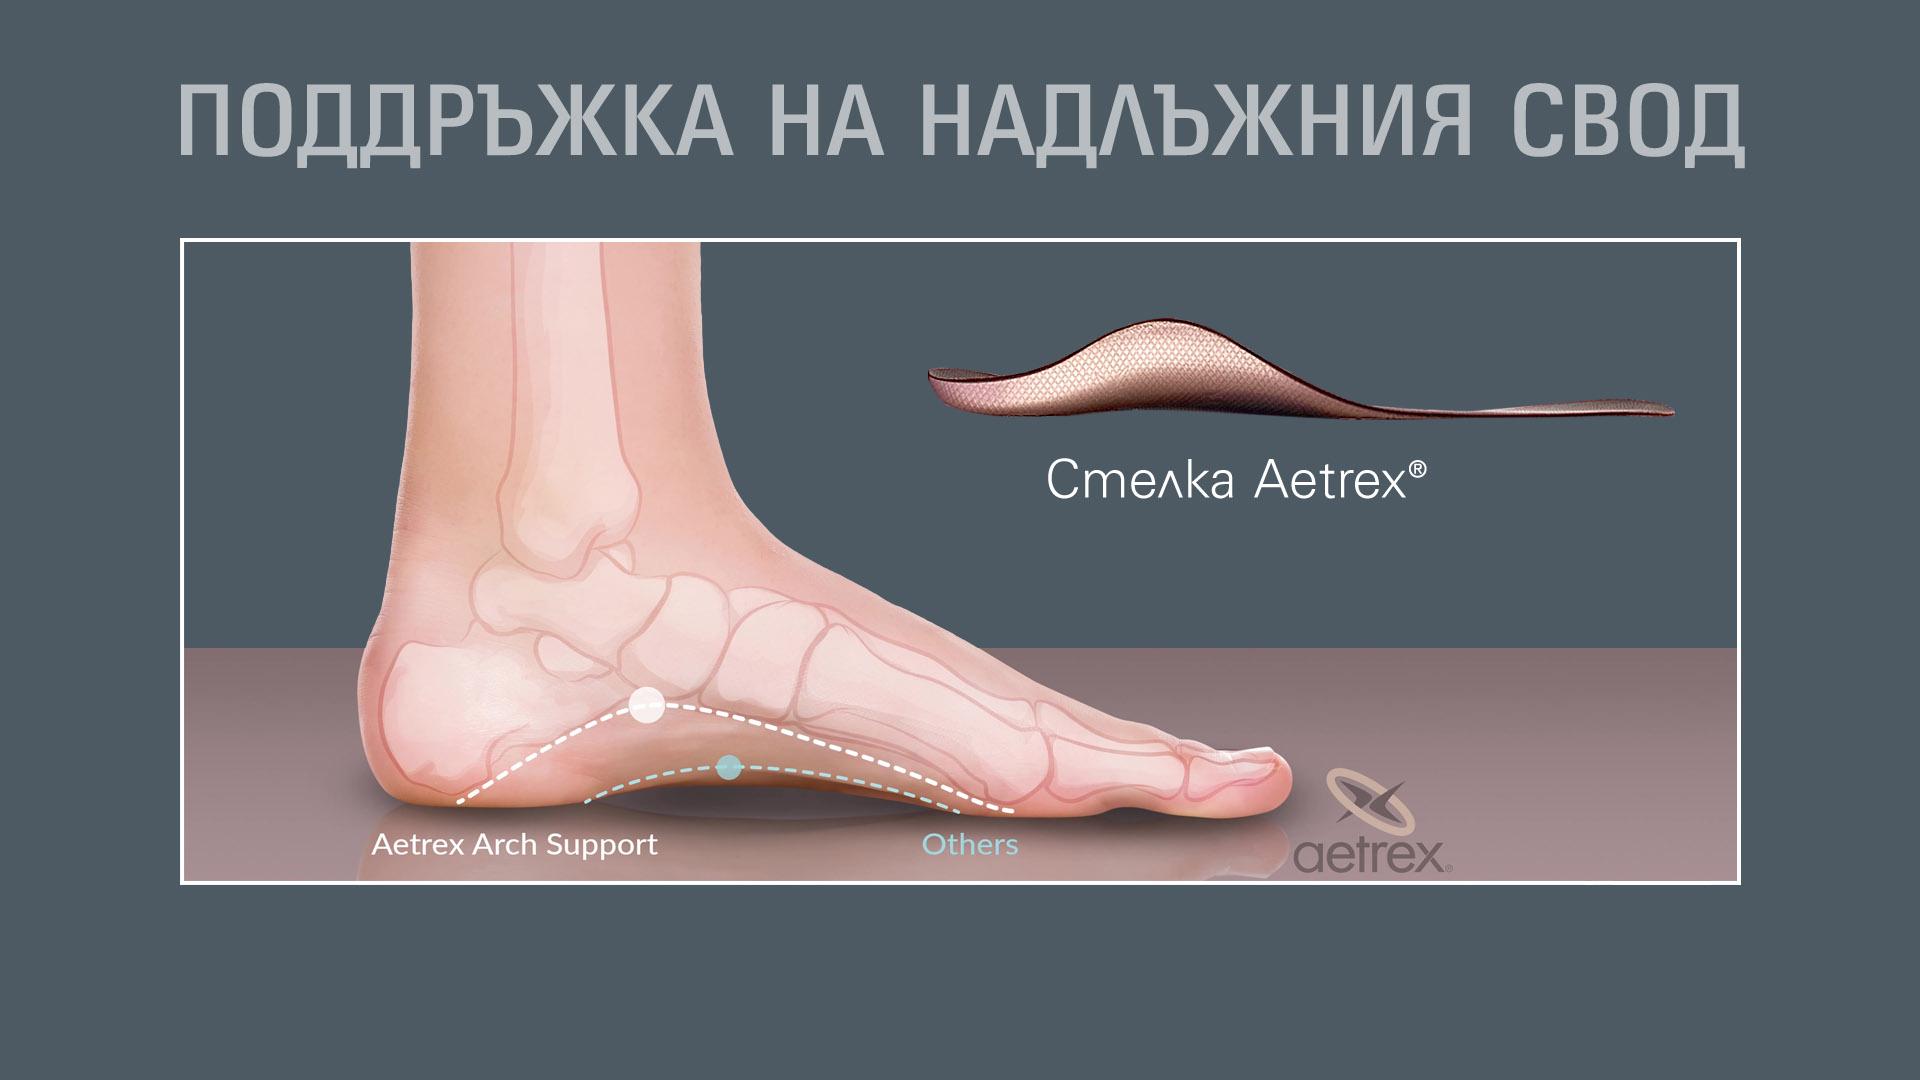 Поддръжка на надлъжния свод с ортопедични стелки Aetrex